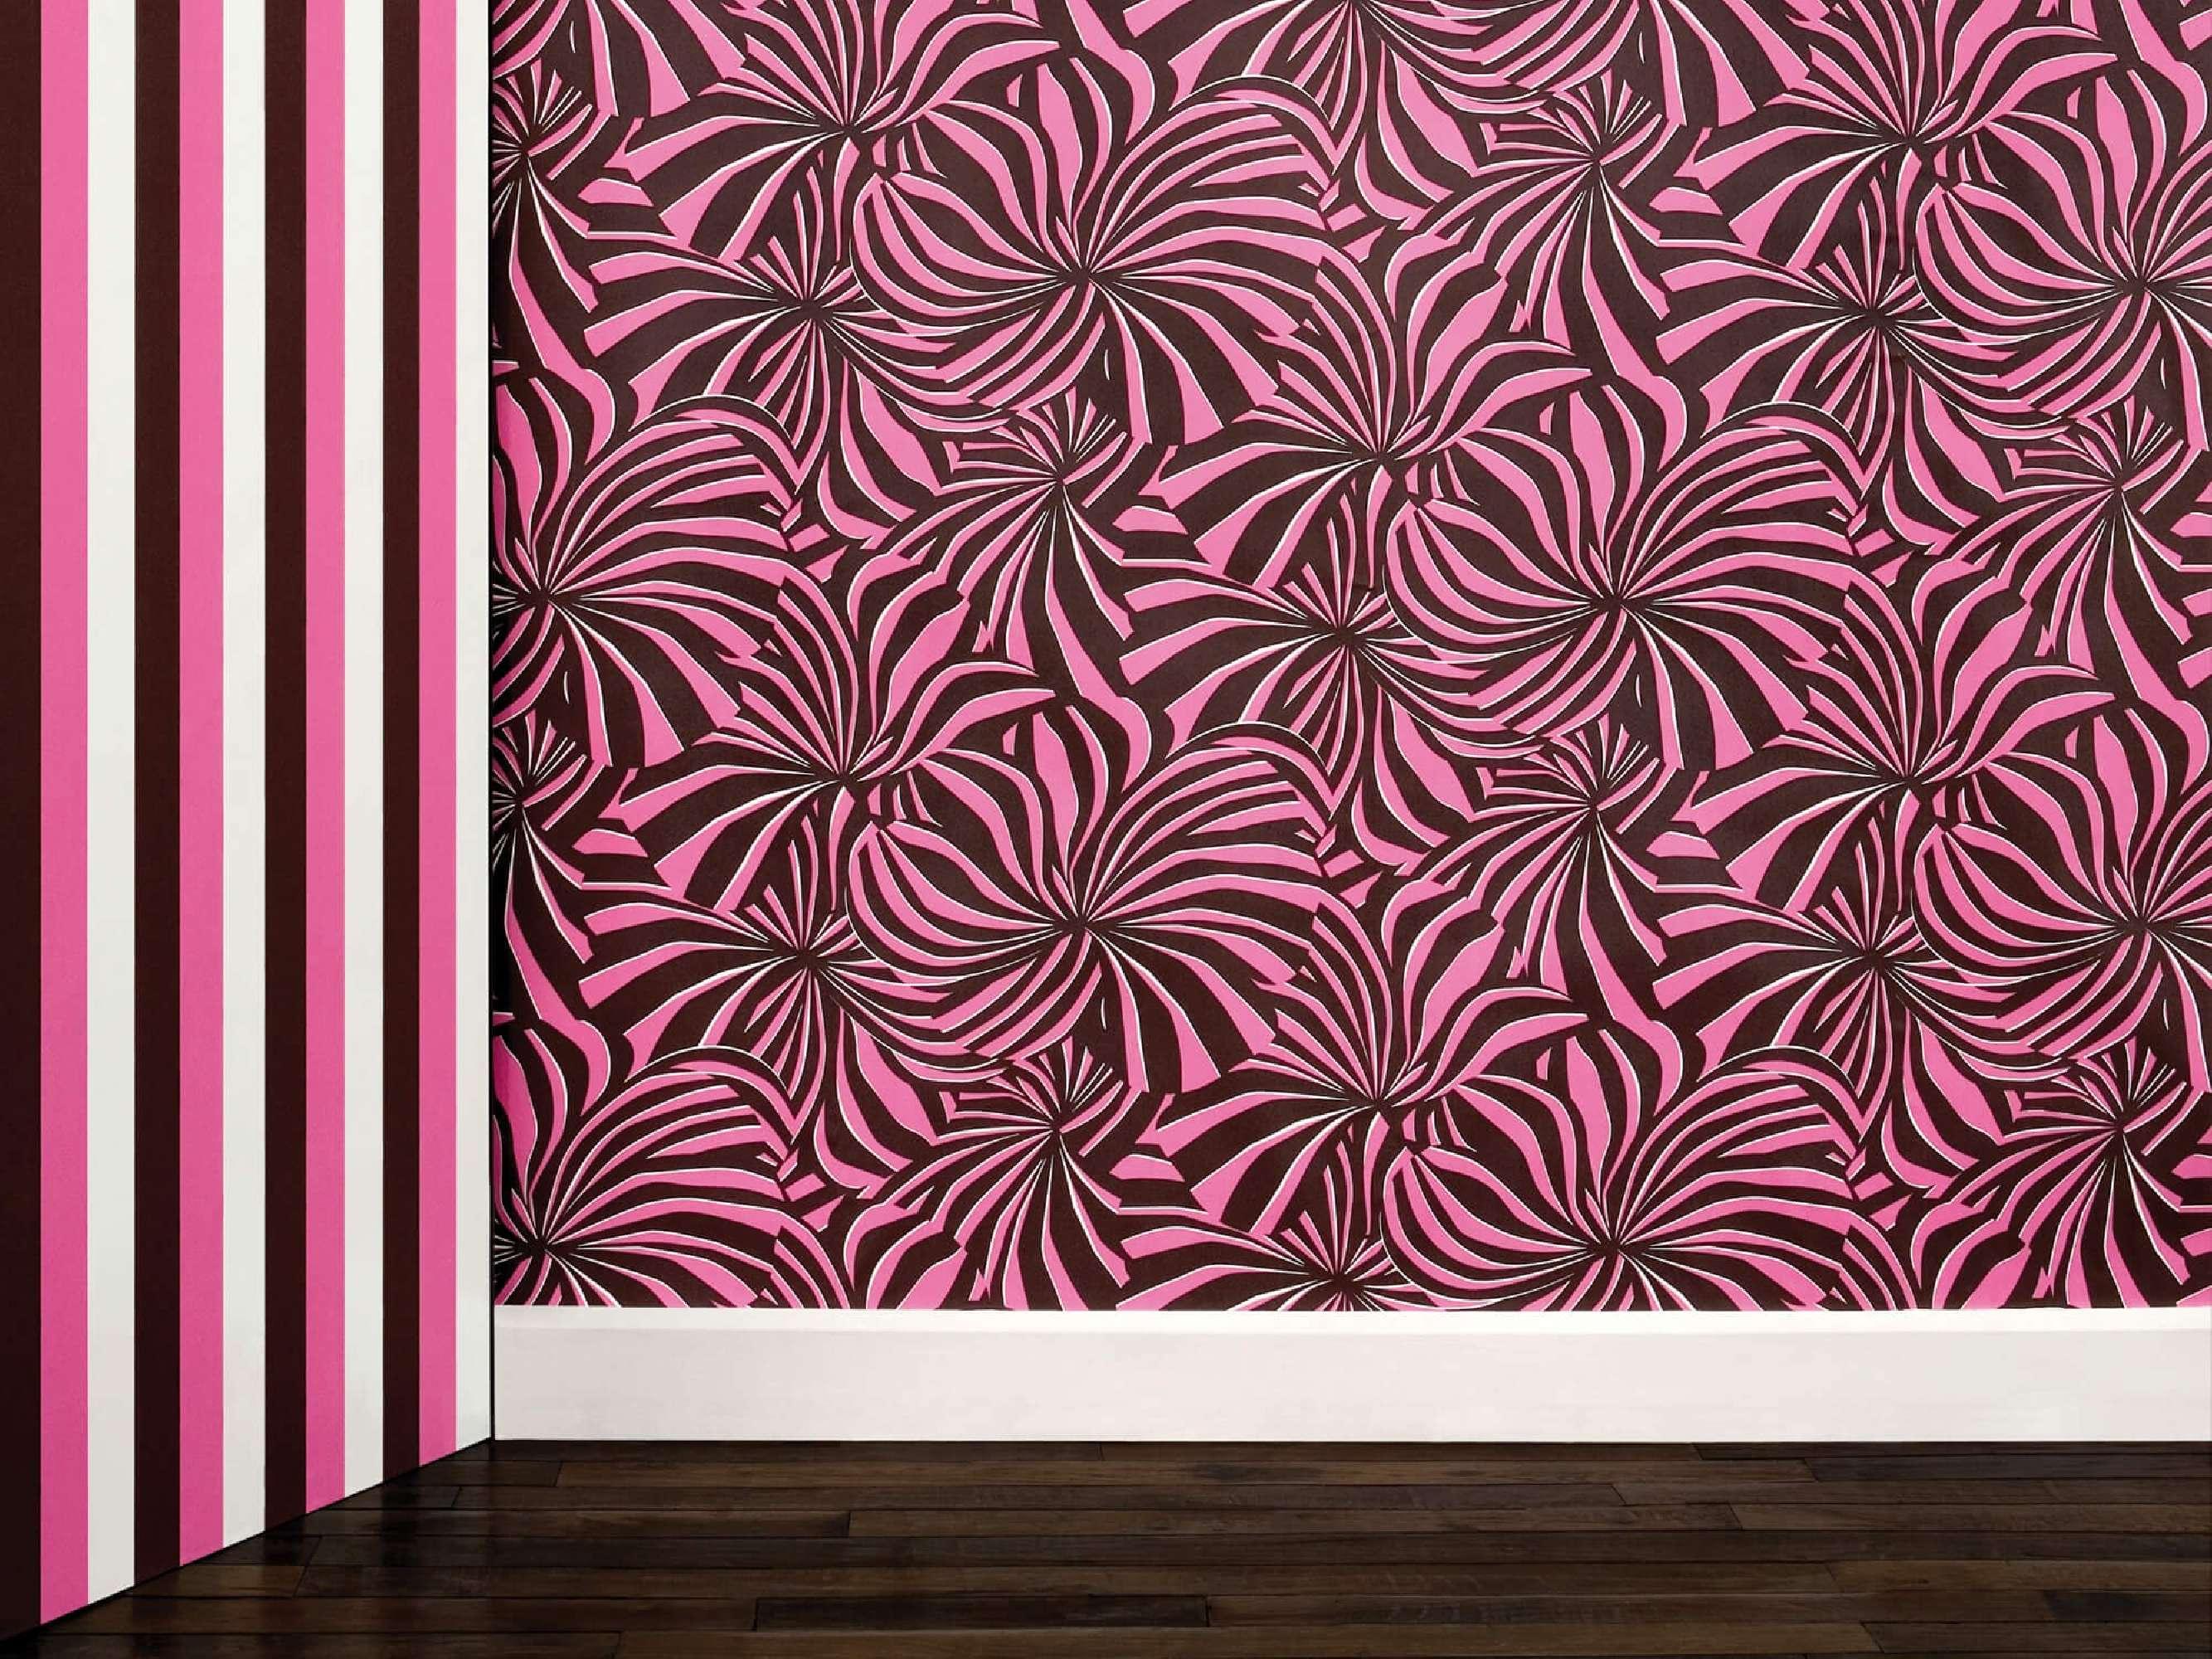 Papier peint Berlingot rose et noir à encre phosphorescente, design IchetKar